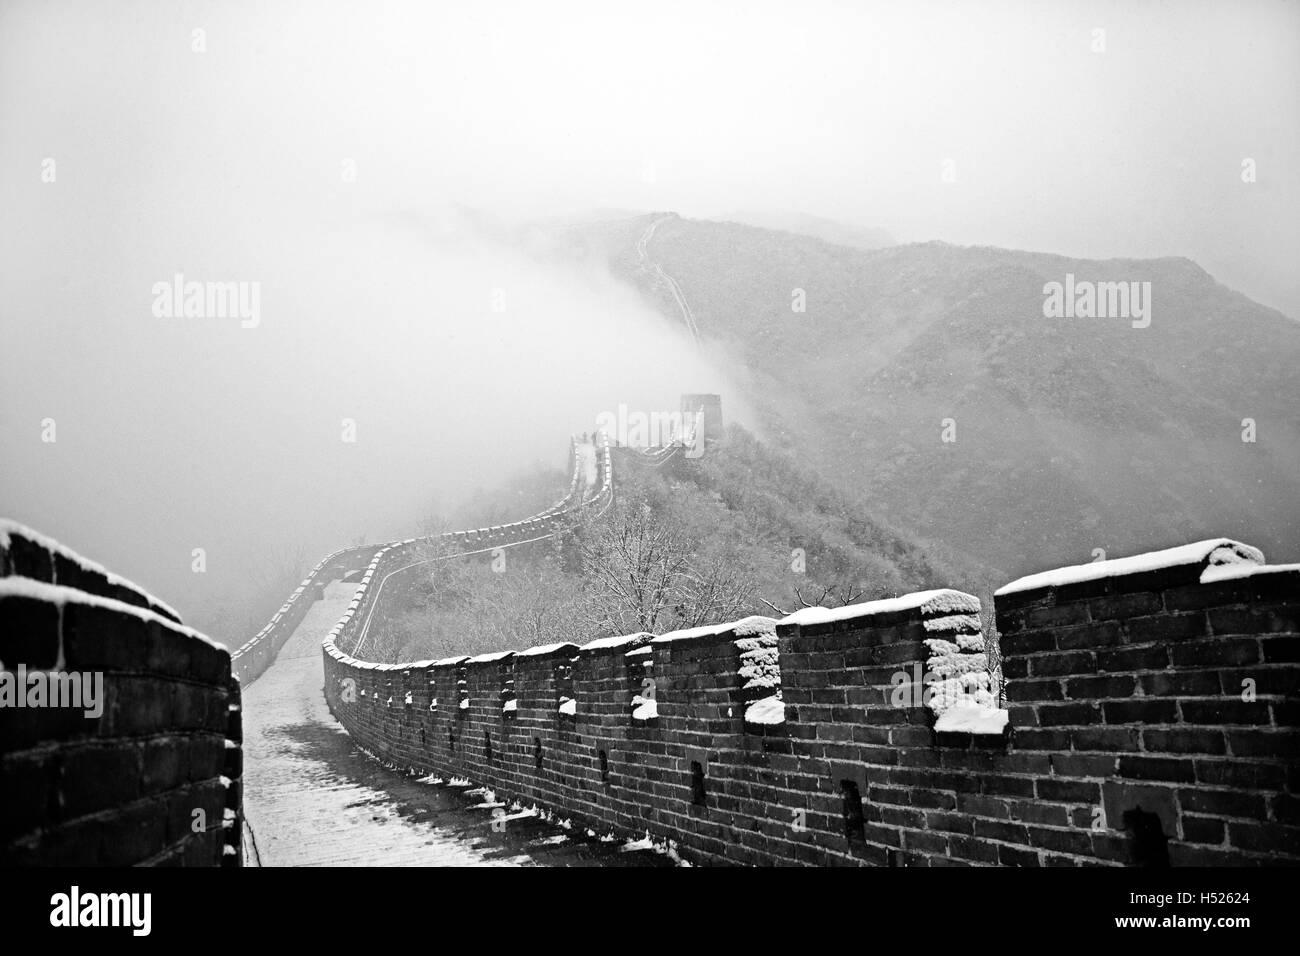 Parte de la sección Mutianyu de la Gran Muralla de China bajo la nieve en invierno en Mutianyu, cerca de Pekín, Imagen De Stock